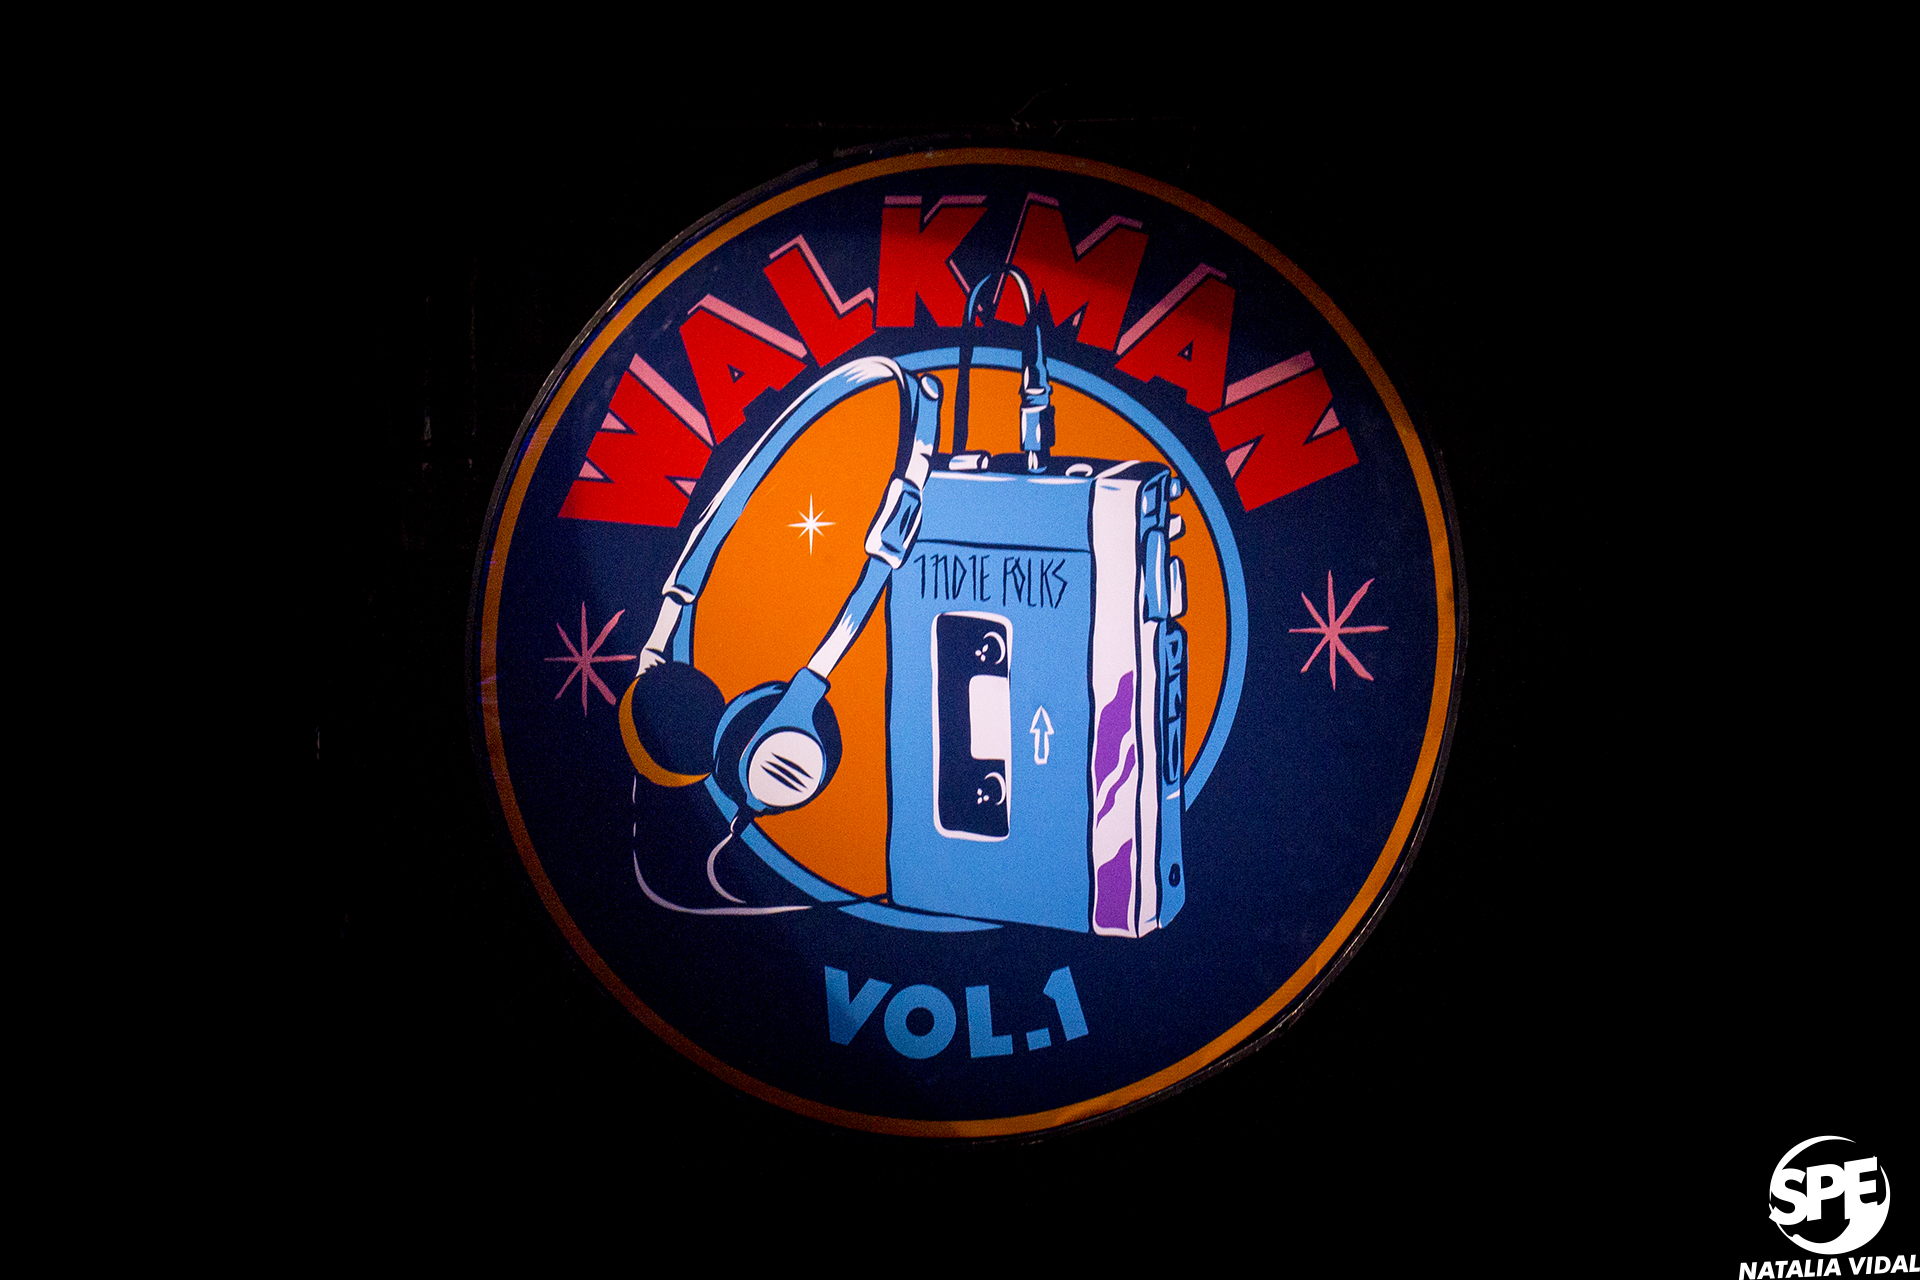 Telescopios-Walkman-Vol1-Niceto-09-05-18-Natalia-Vidal-Solo-Para-Entendidos_97.jpg